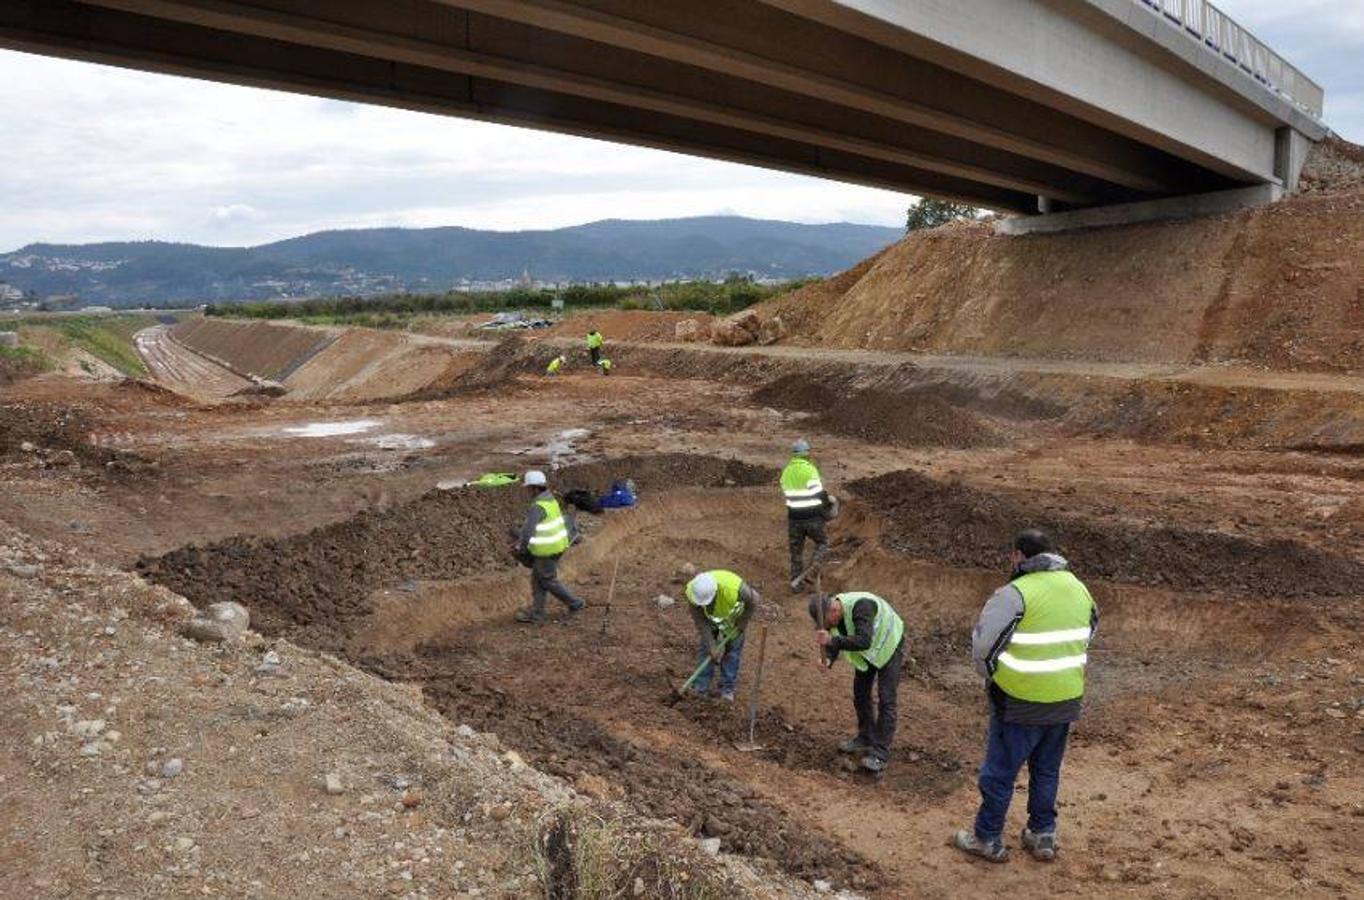 Equipo de arqueología excavando a mano